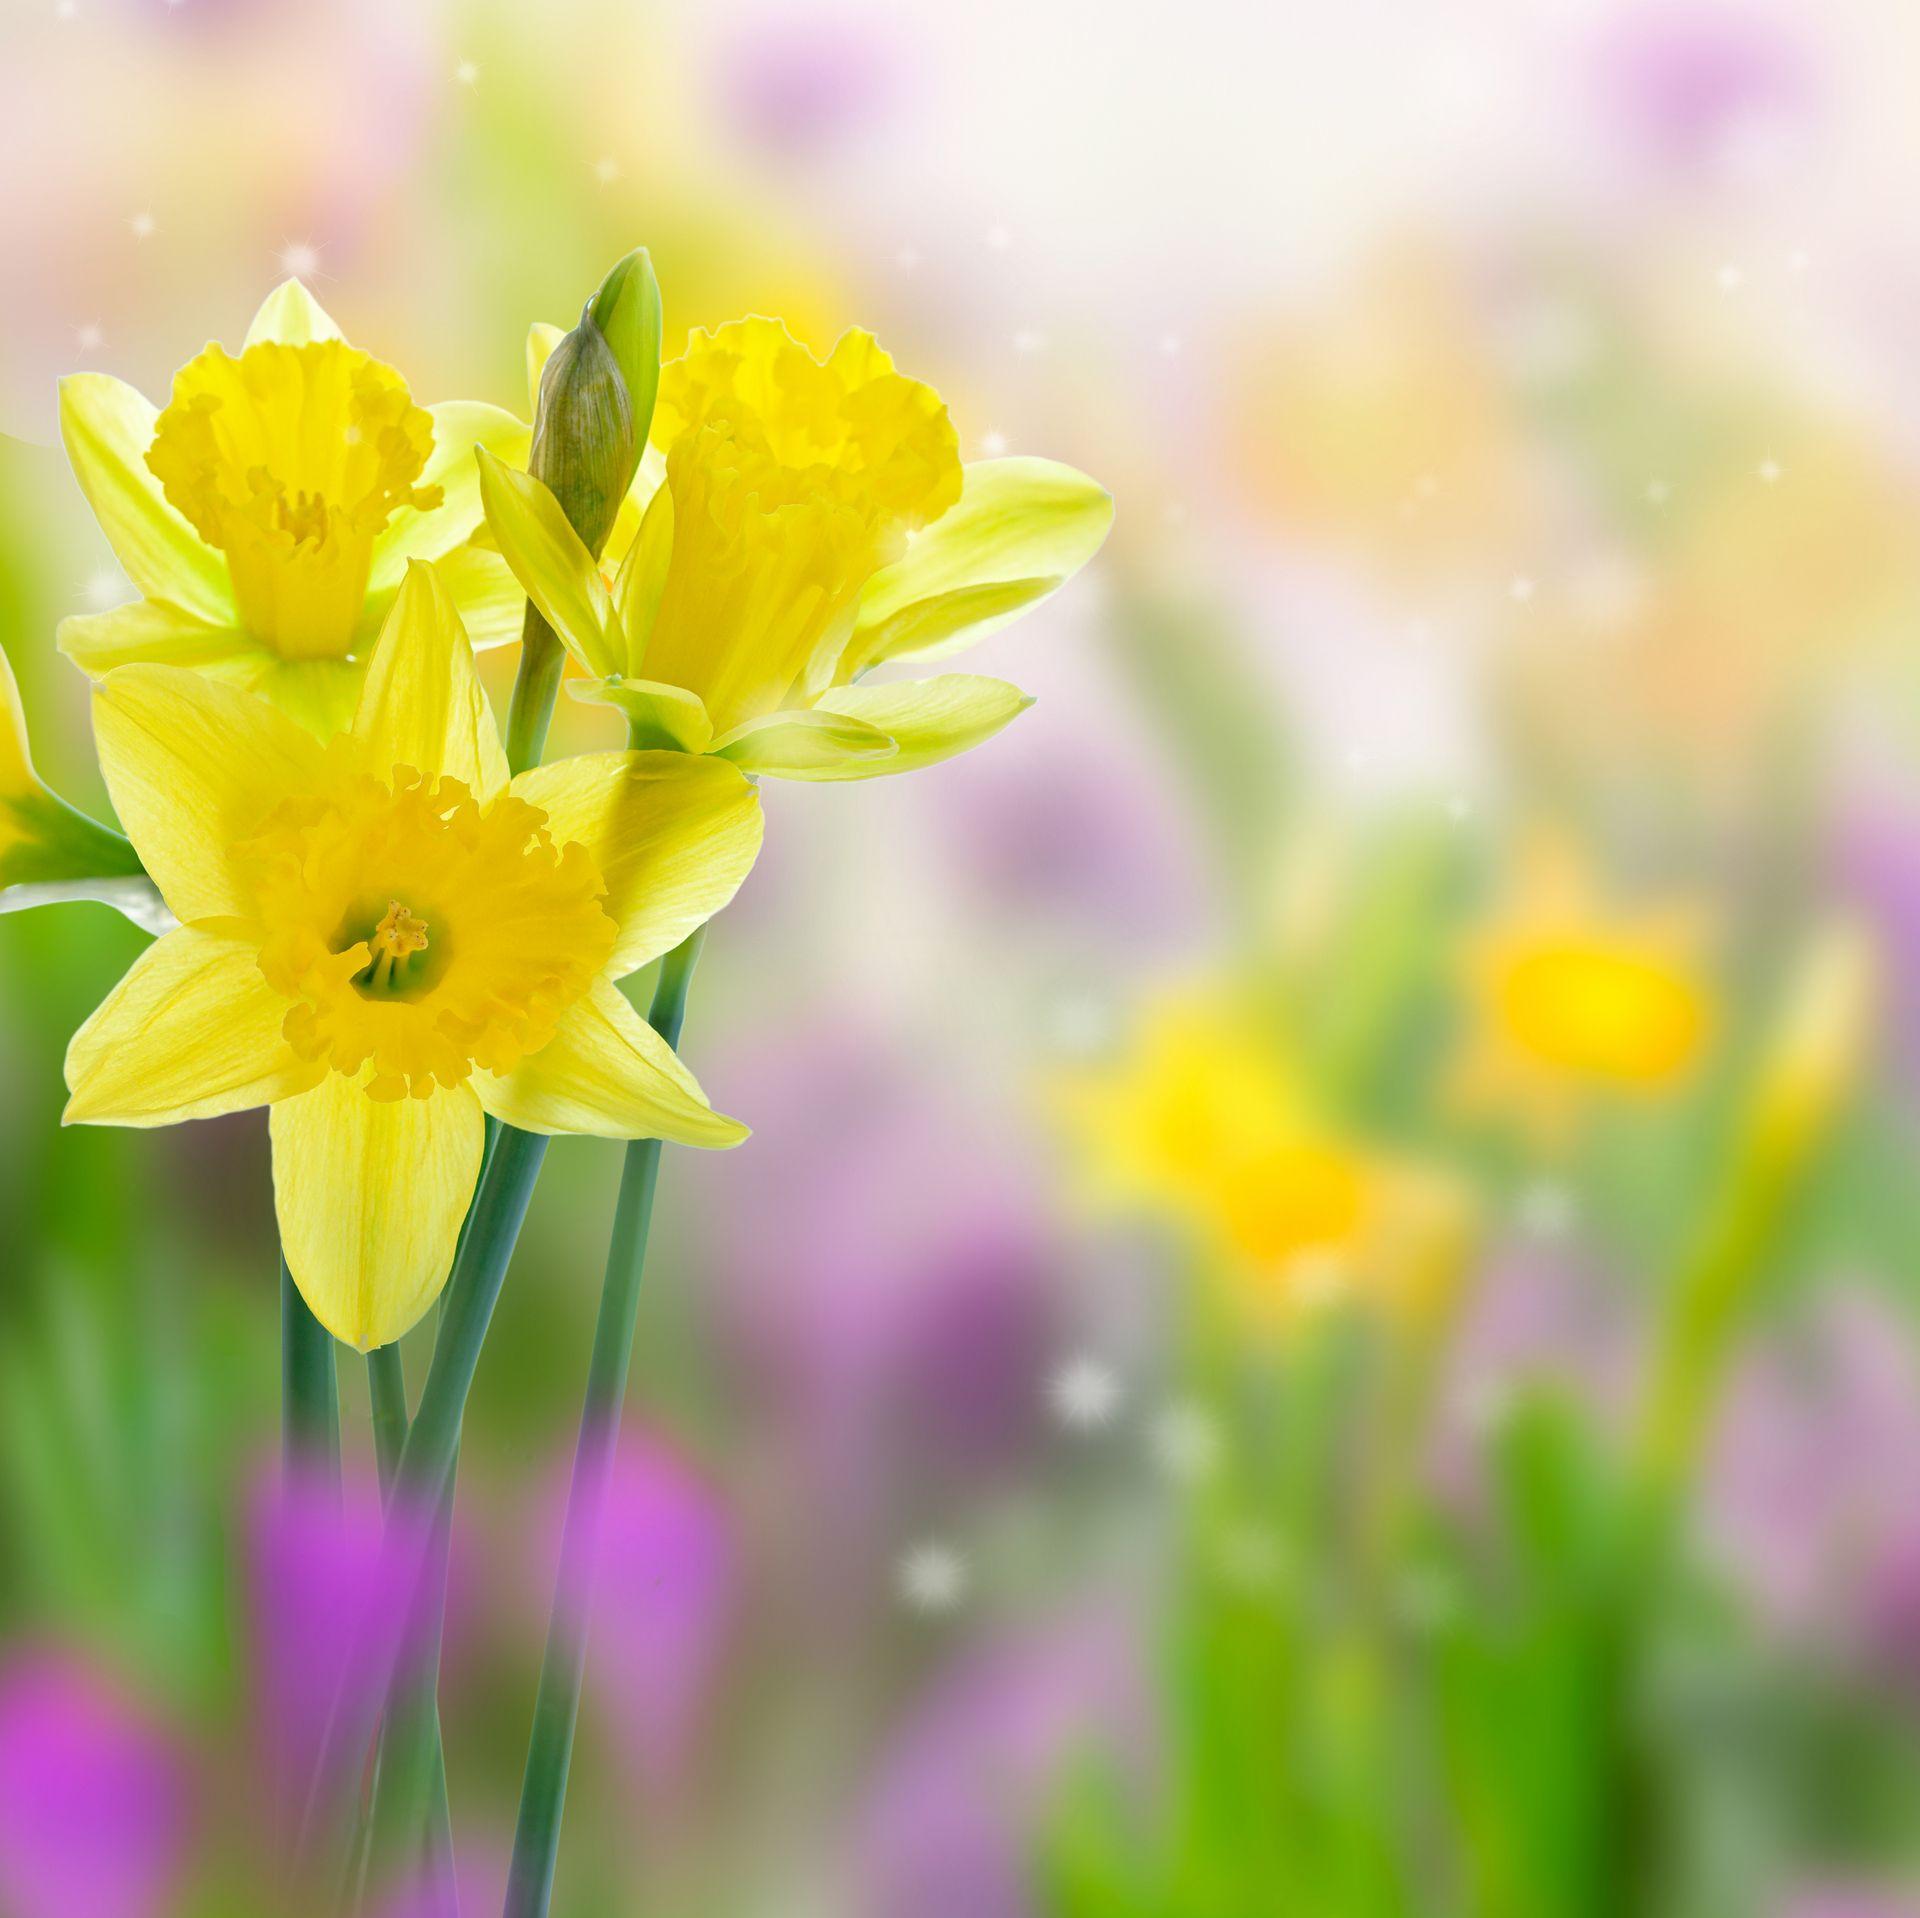 Free Spring Desktop Wallpaper Spring 19, Free Wallpapers